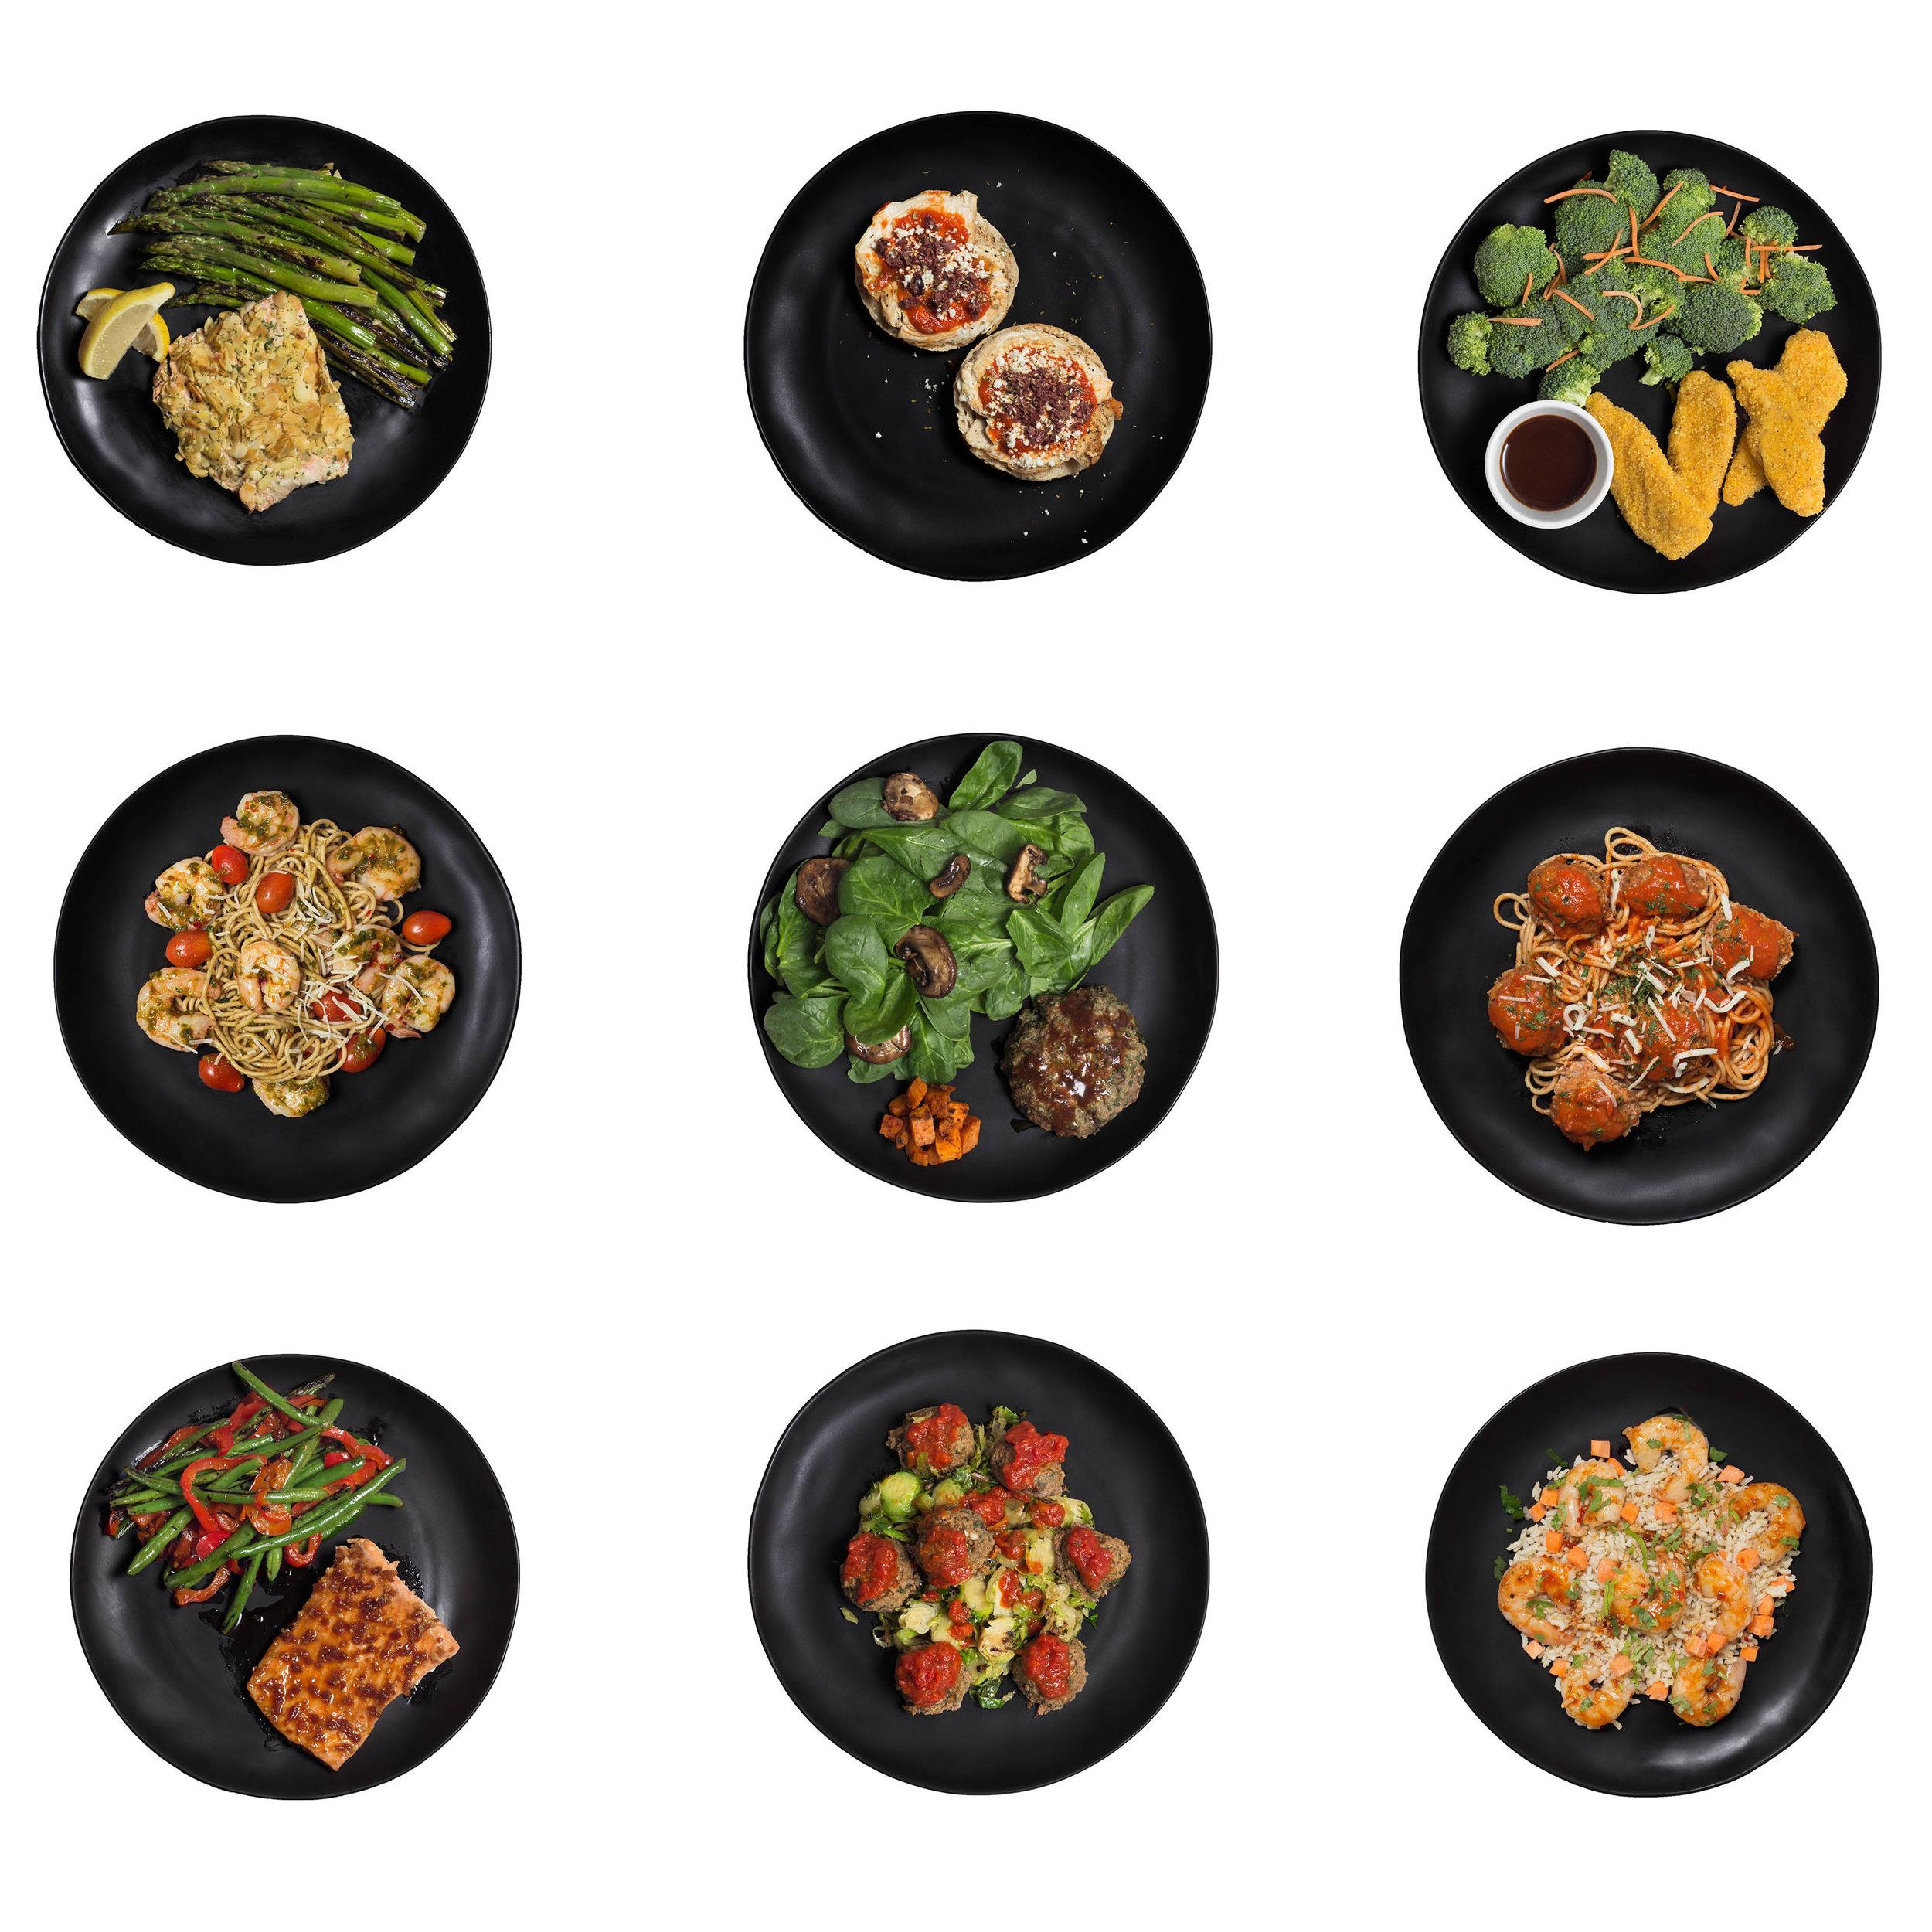 FOOD GRID 2.jpg